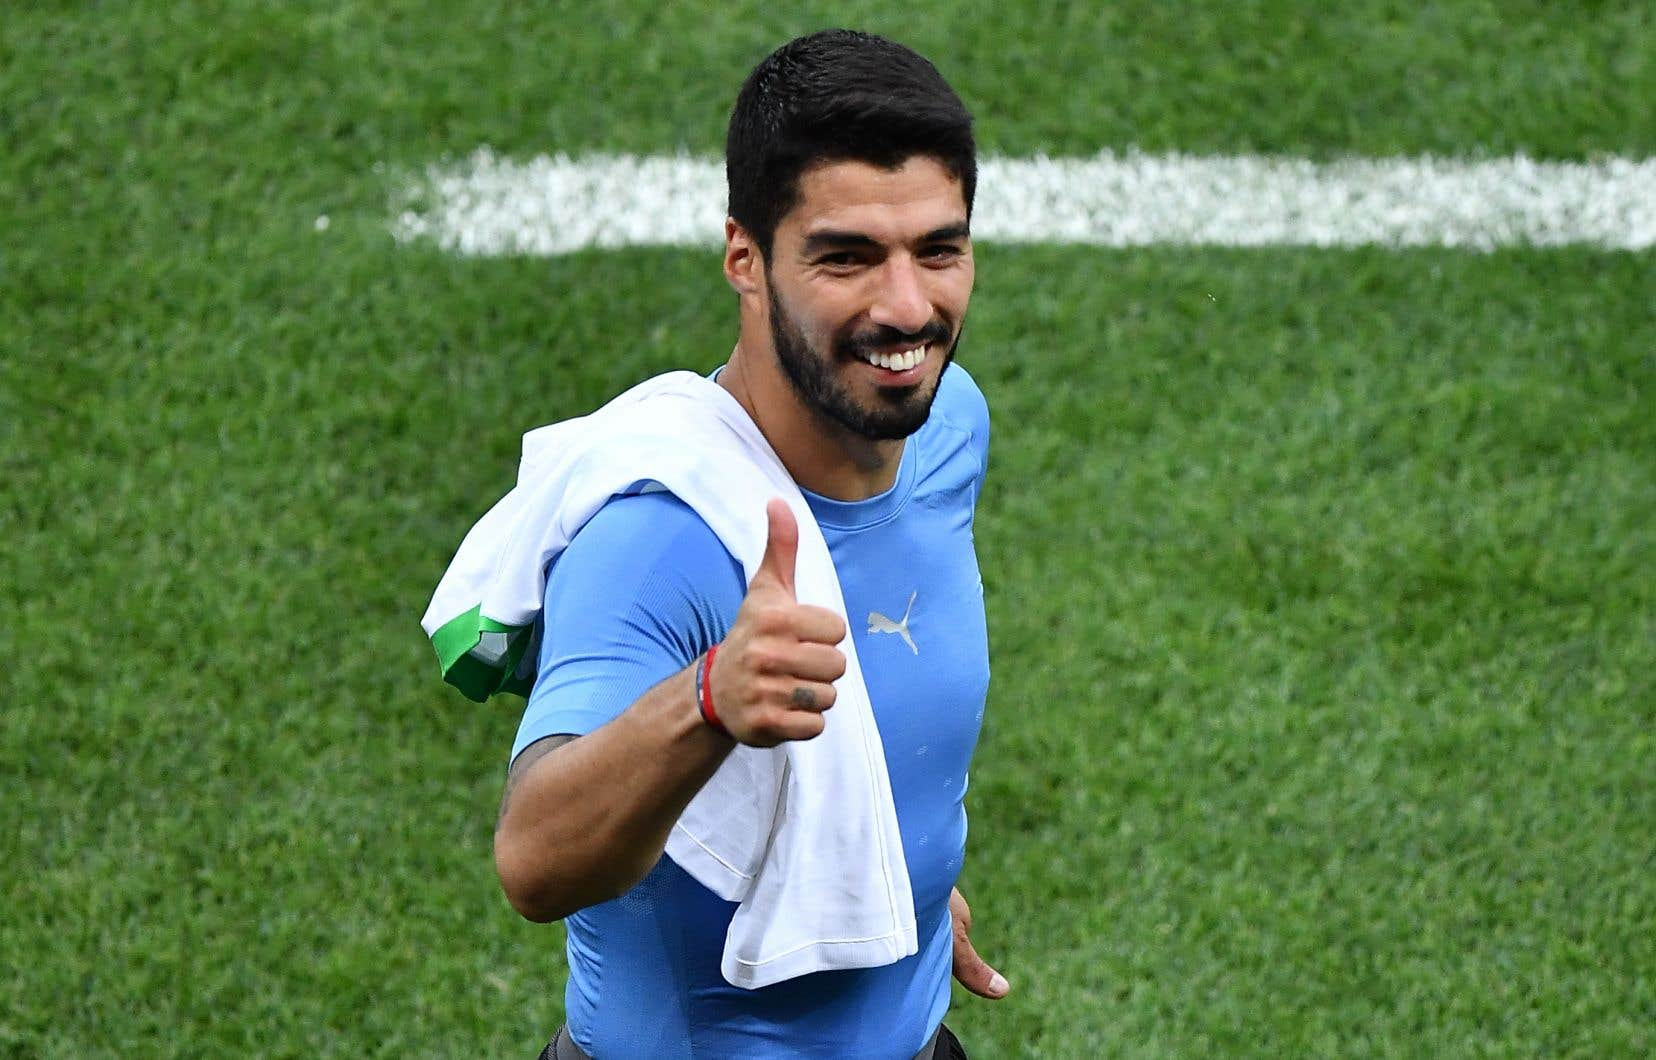 Pour son 100e match en sélection, Luis Suárez a inscrit son 52e but. Le«Pistolero» est devenu du même coup le premier Uruguayen à marquer dans trois Coupes du monde différentes.